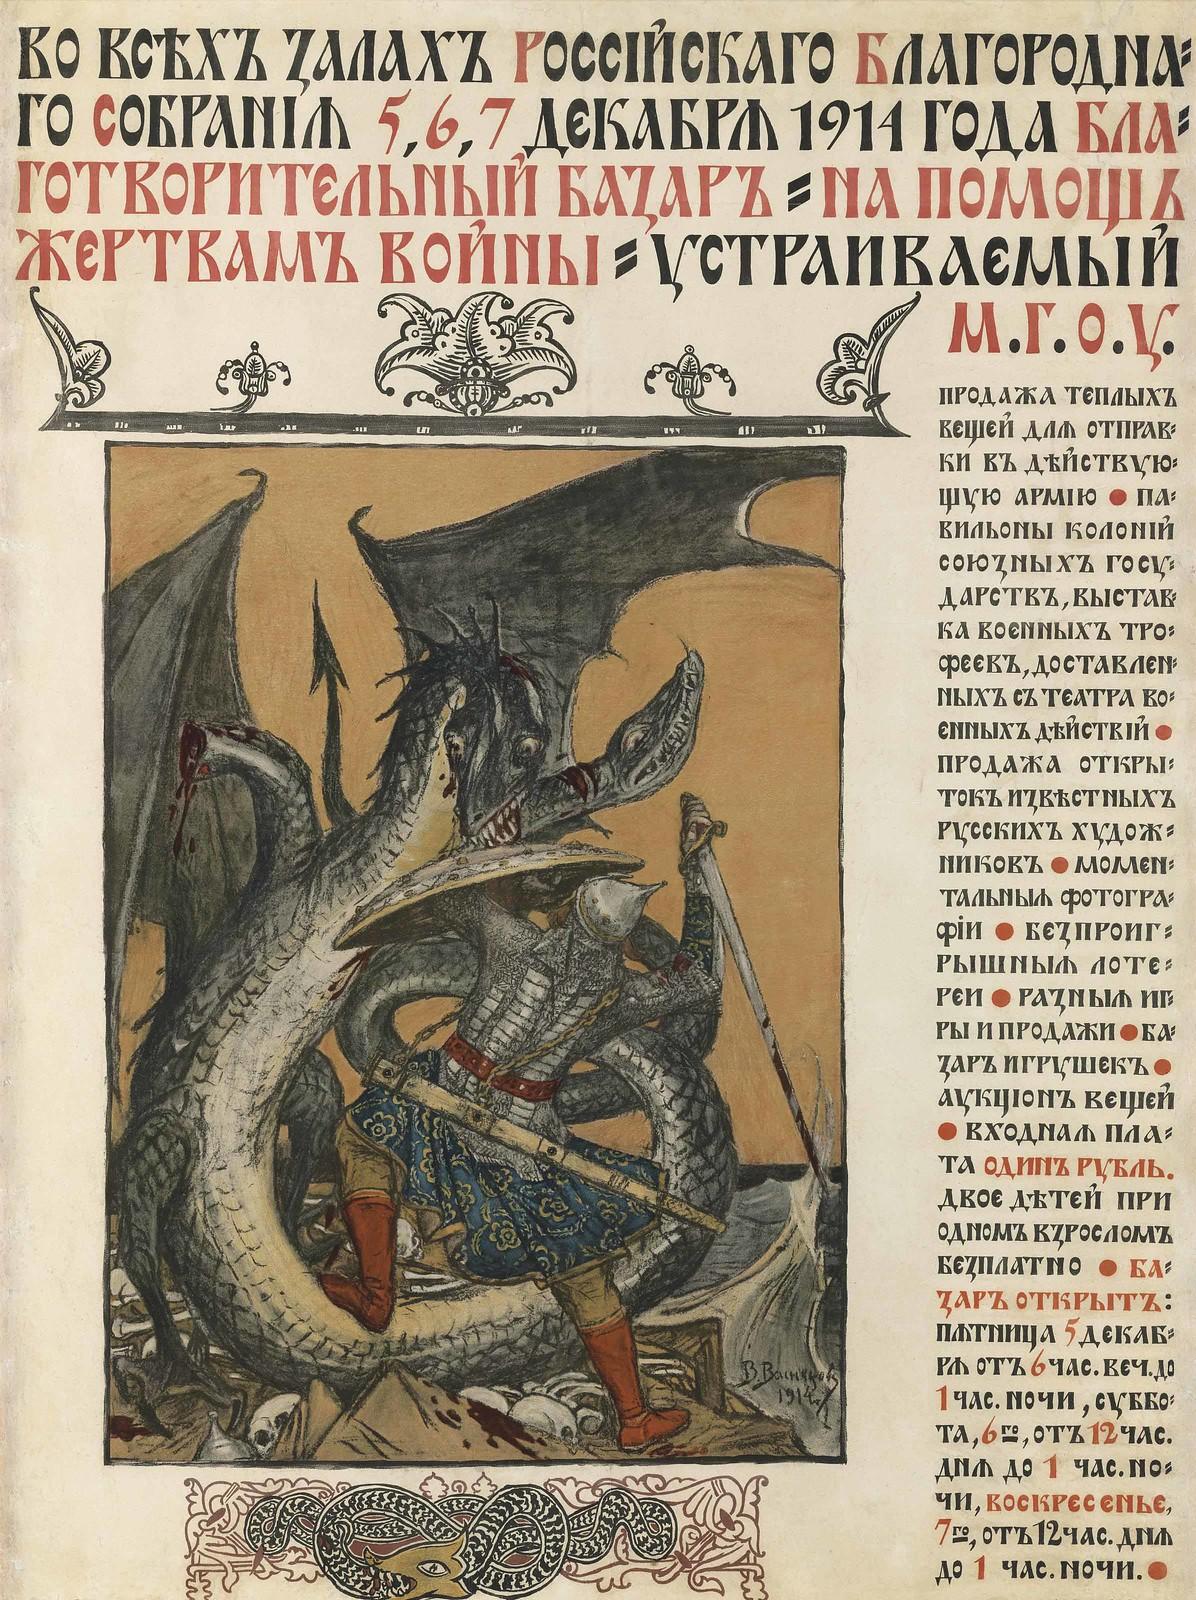 Viktor Vasnetsov - Poster for charity bazaar to support war victims, Ivan Tsarevich's